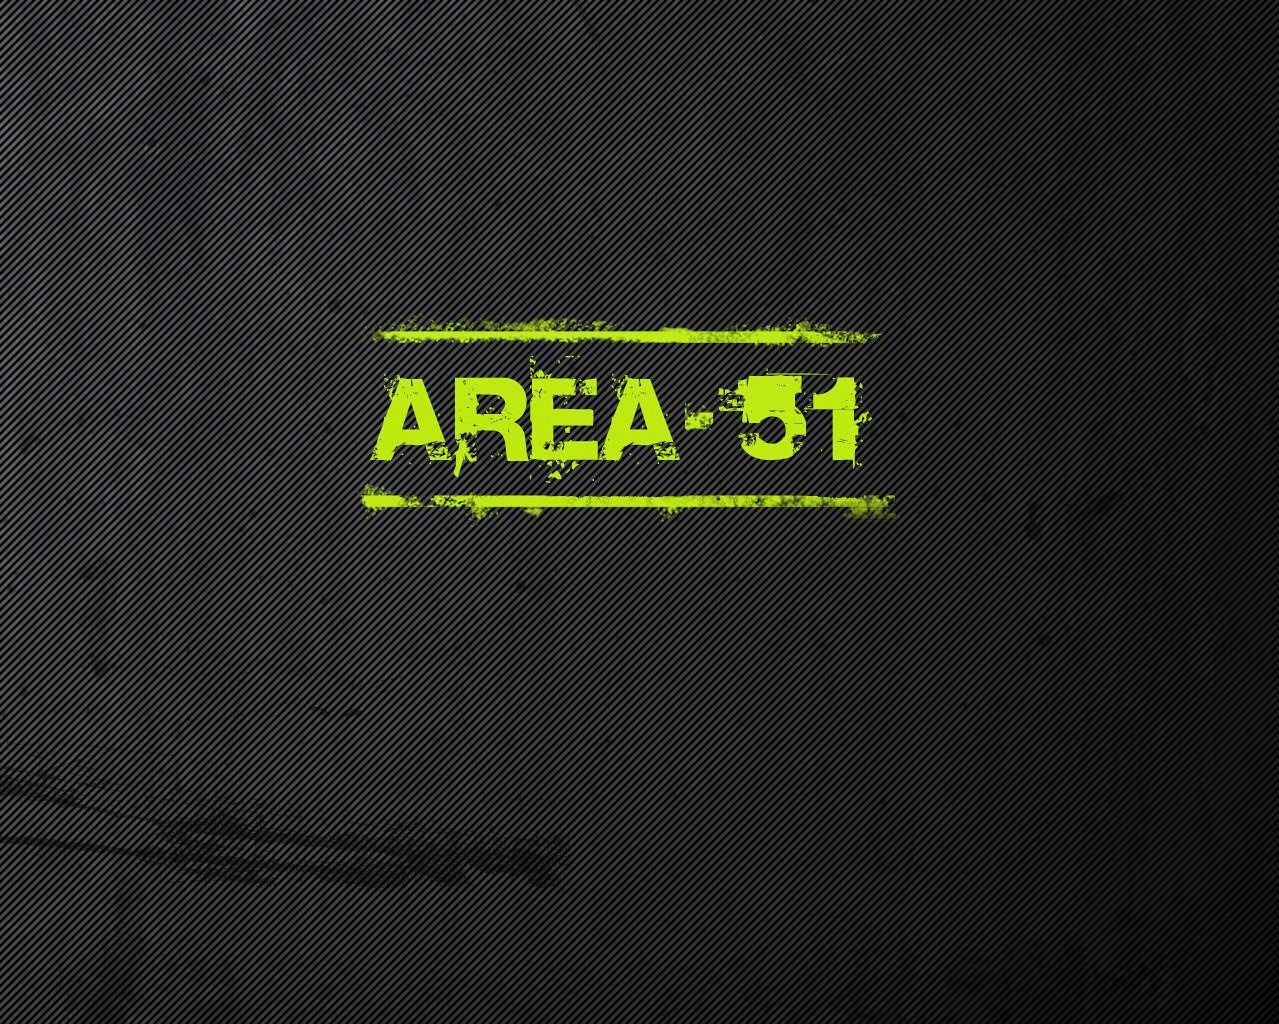 area 51 255138